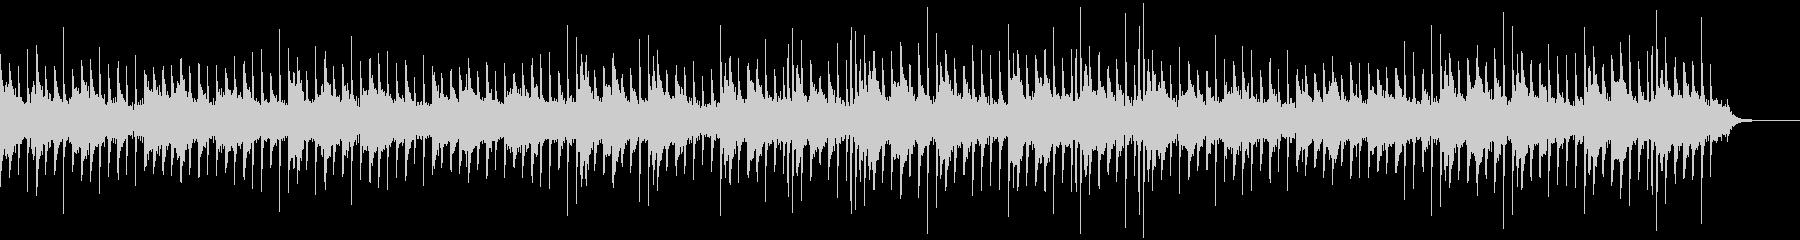 ホラーなピアノBGMの未再生の波形